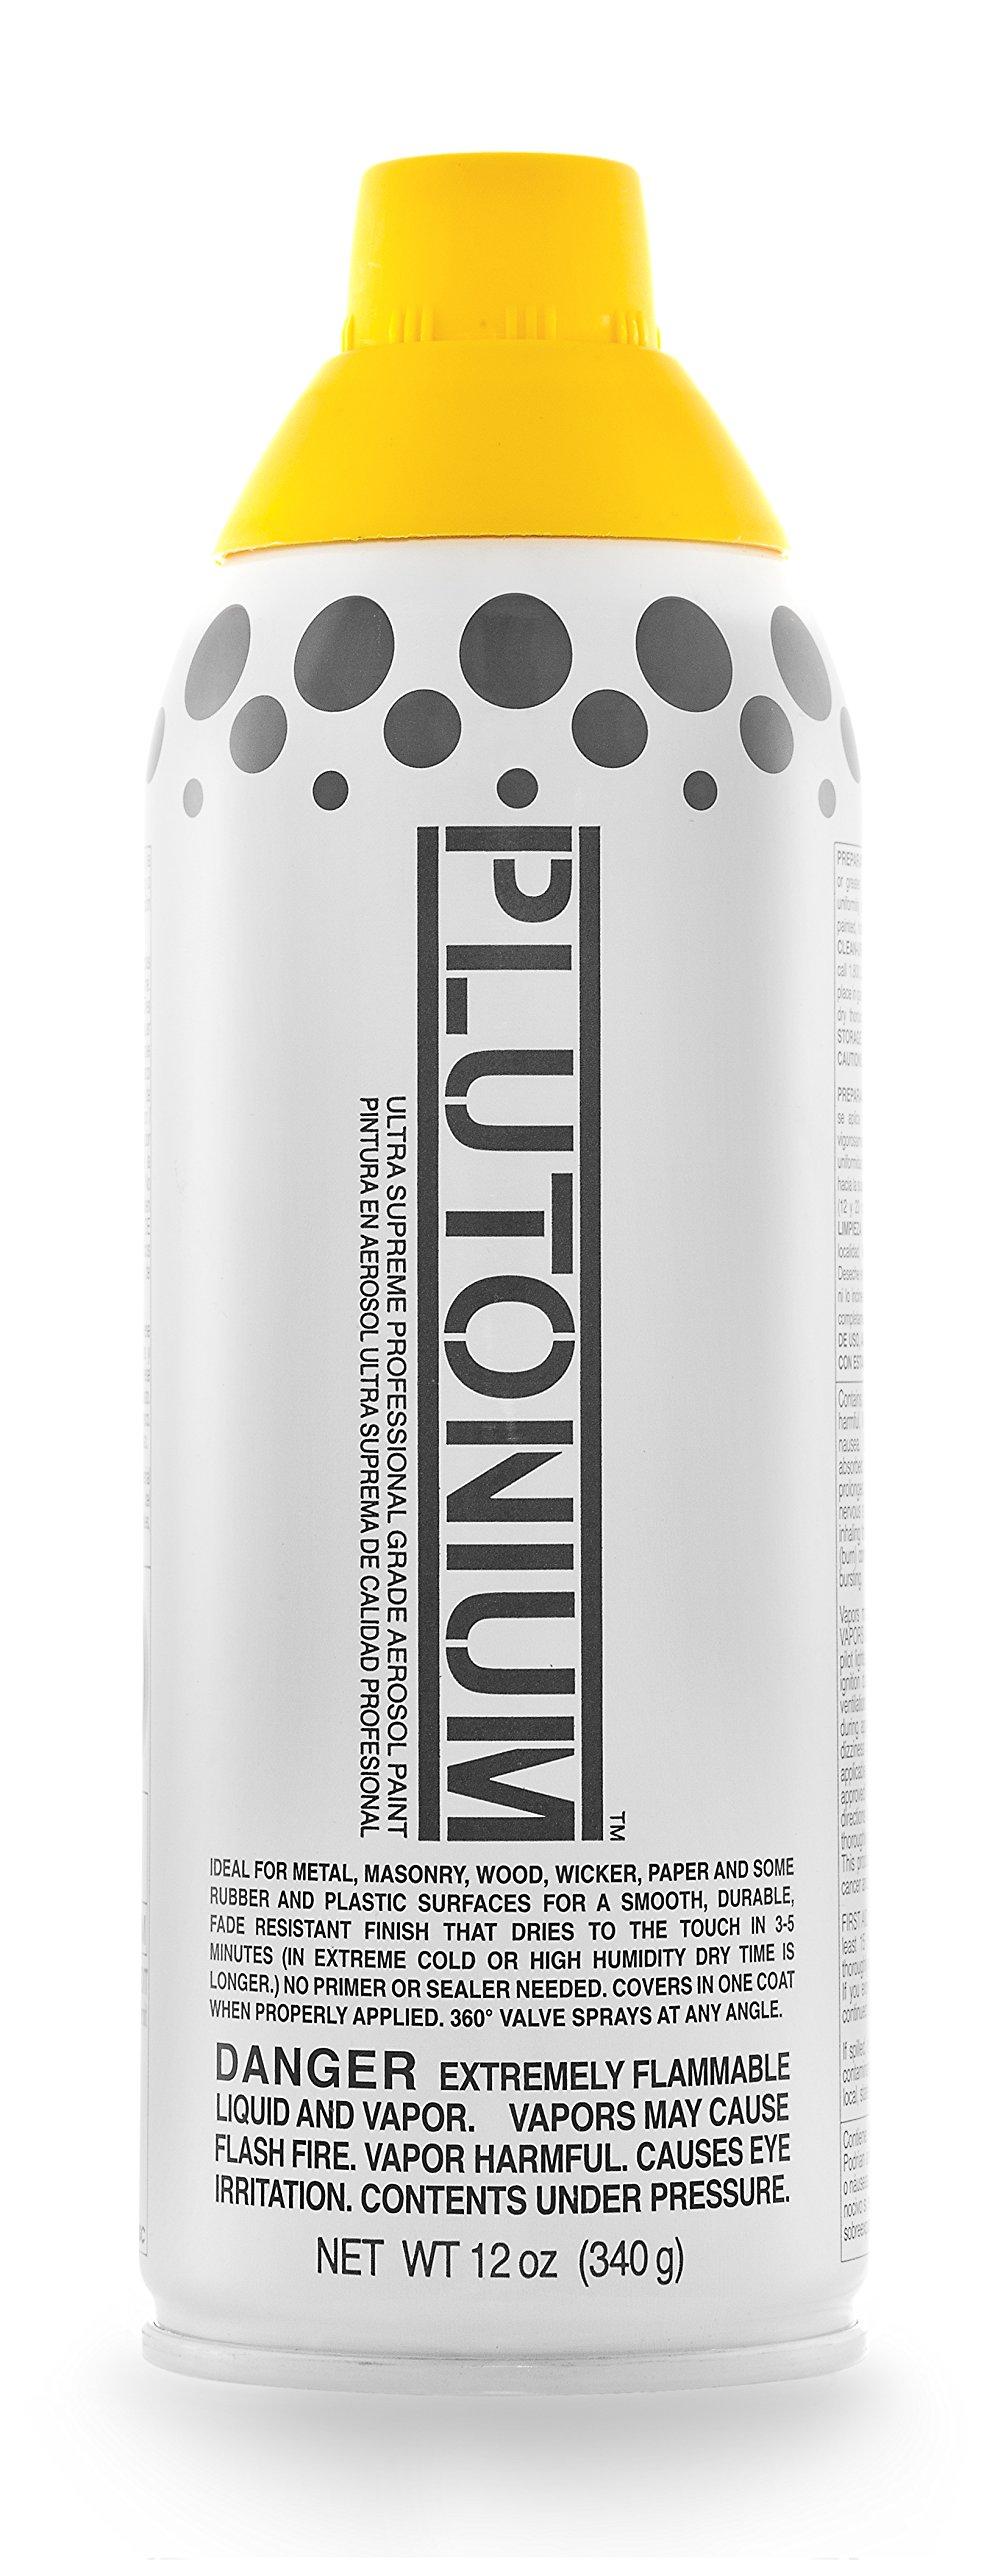 Plutonium Paint PLUTON-20030 Ultra Supreme Professional Aerosol Paint, 12-Ounce, Day-Z